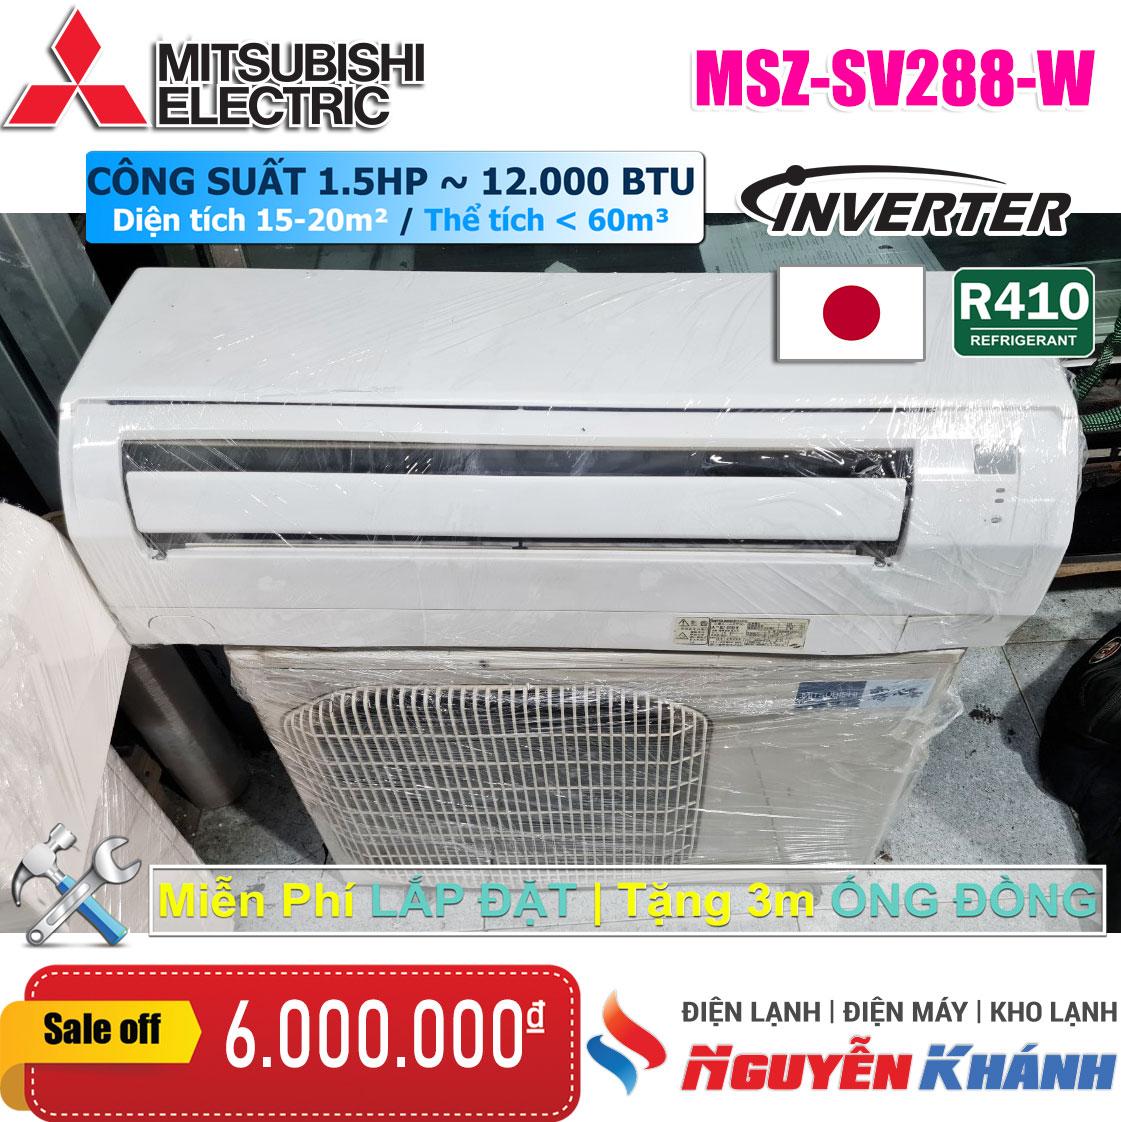 Máy lạnh Mitsubishi Inverter MSZ-SV288-W